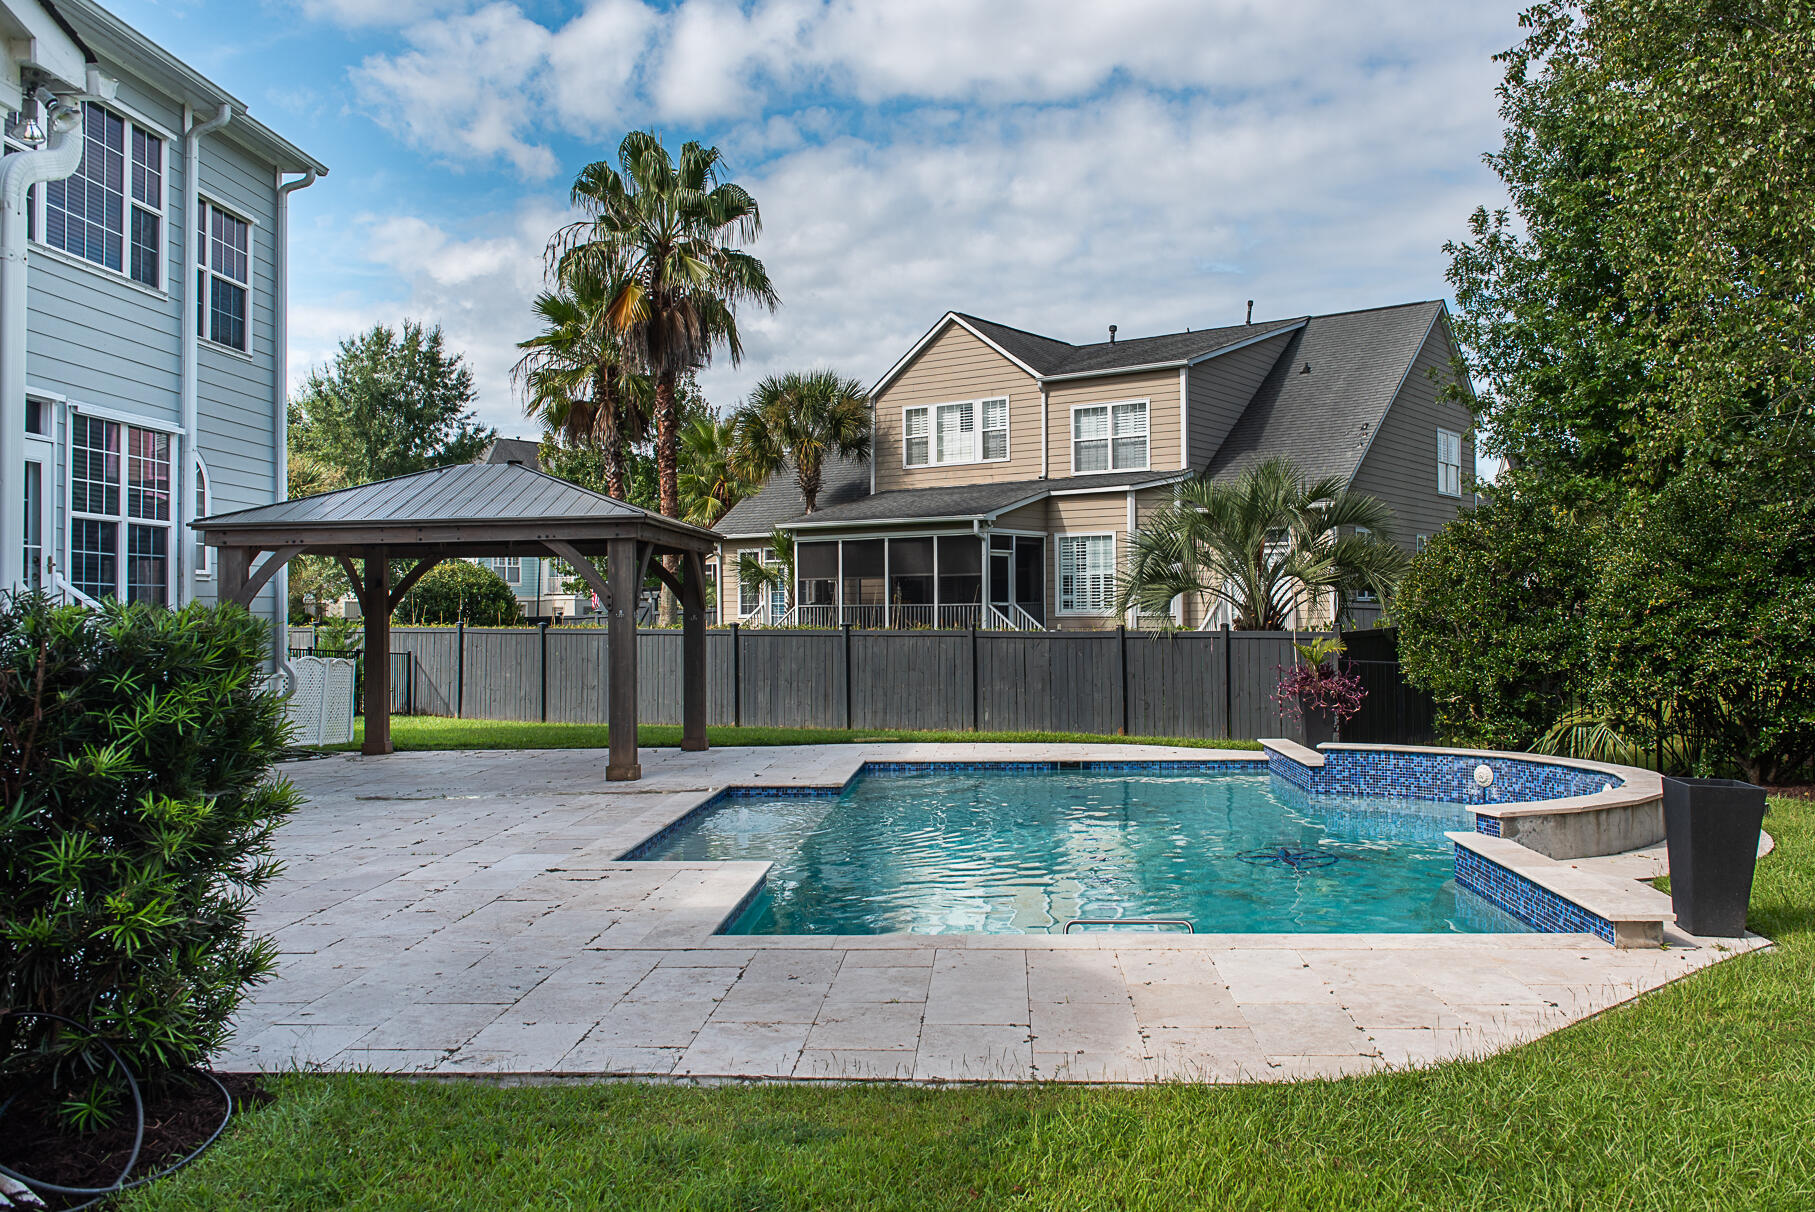 Dunes West Homes For Sale - 3059 Riverwood, Mount Pleasant, SC - 7